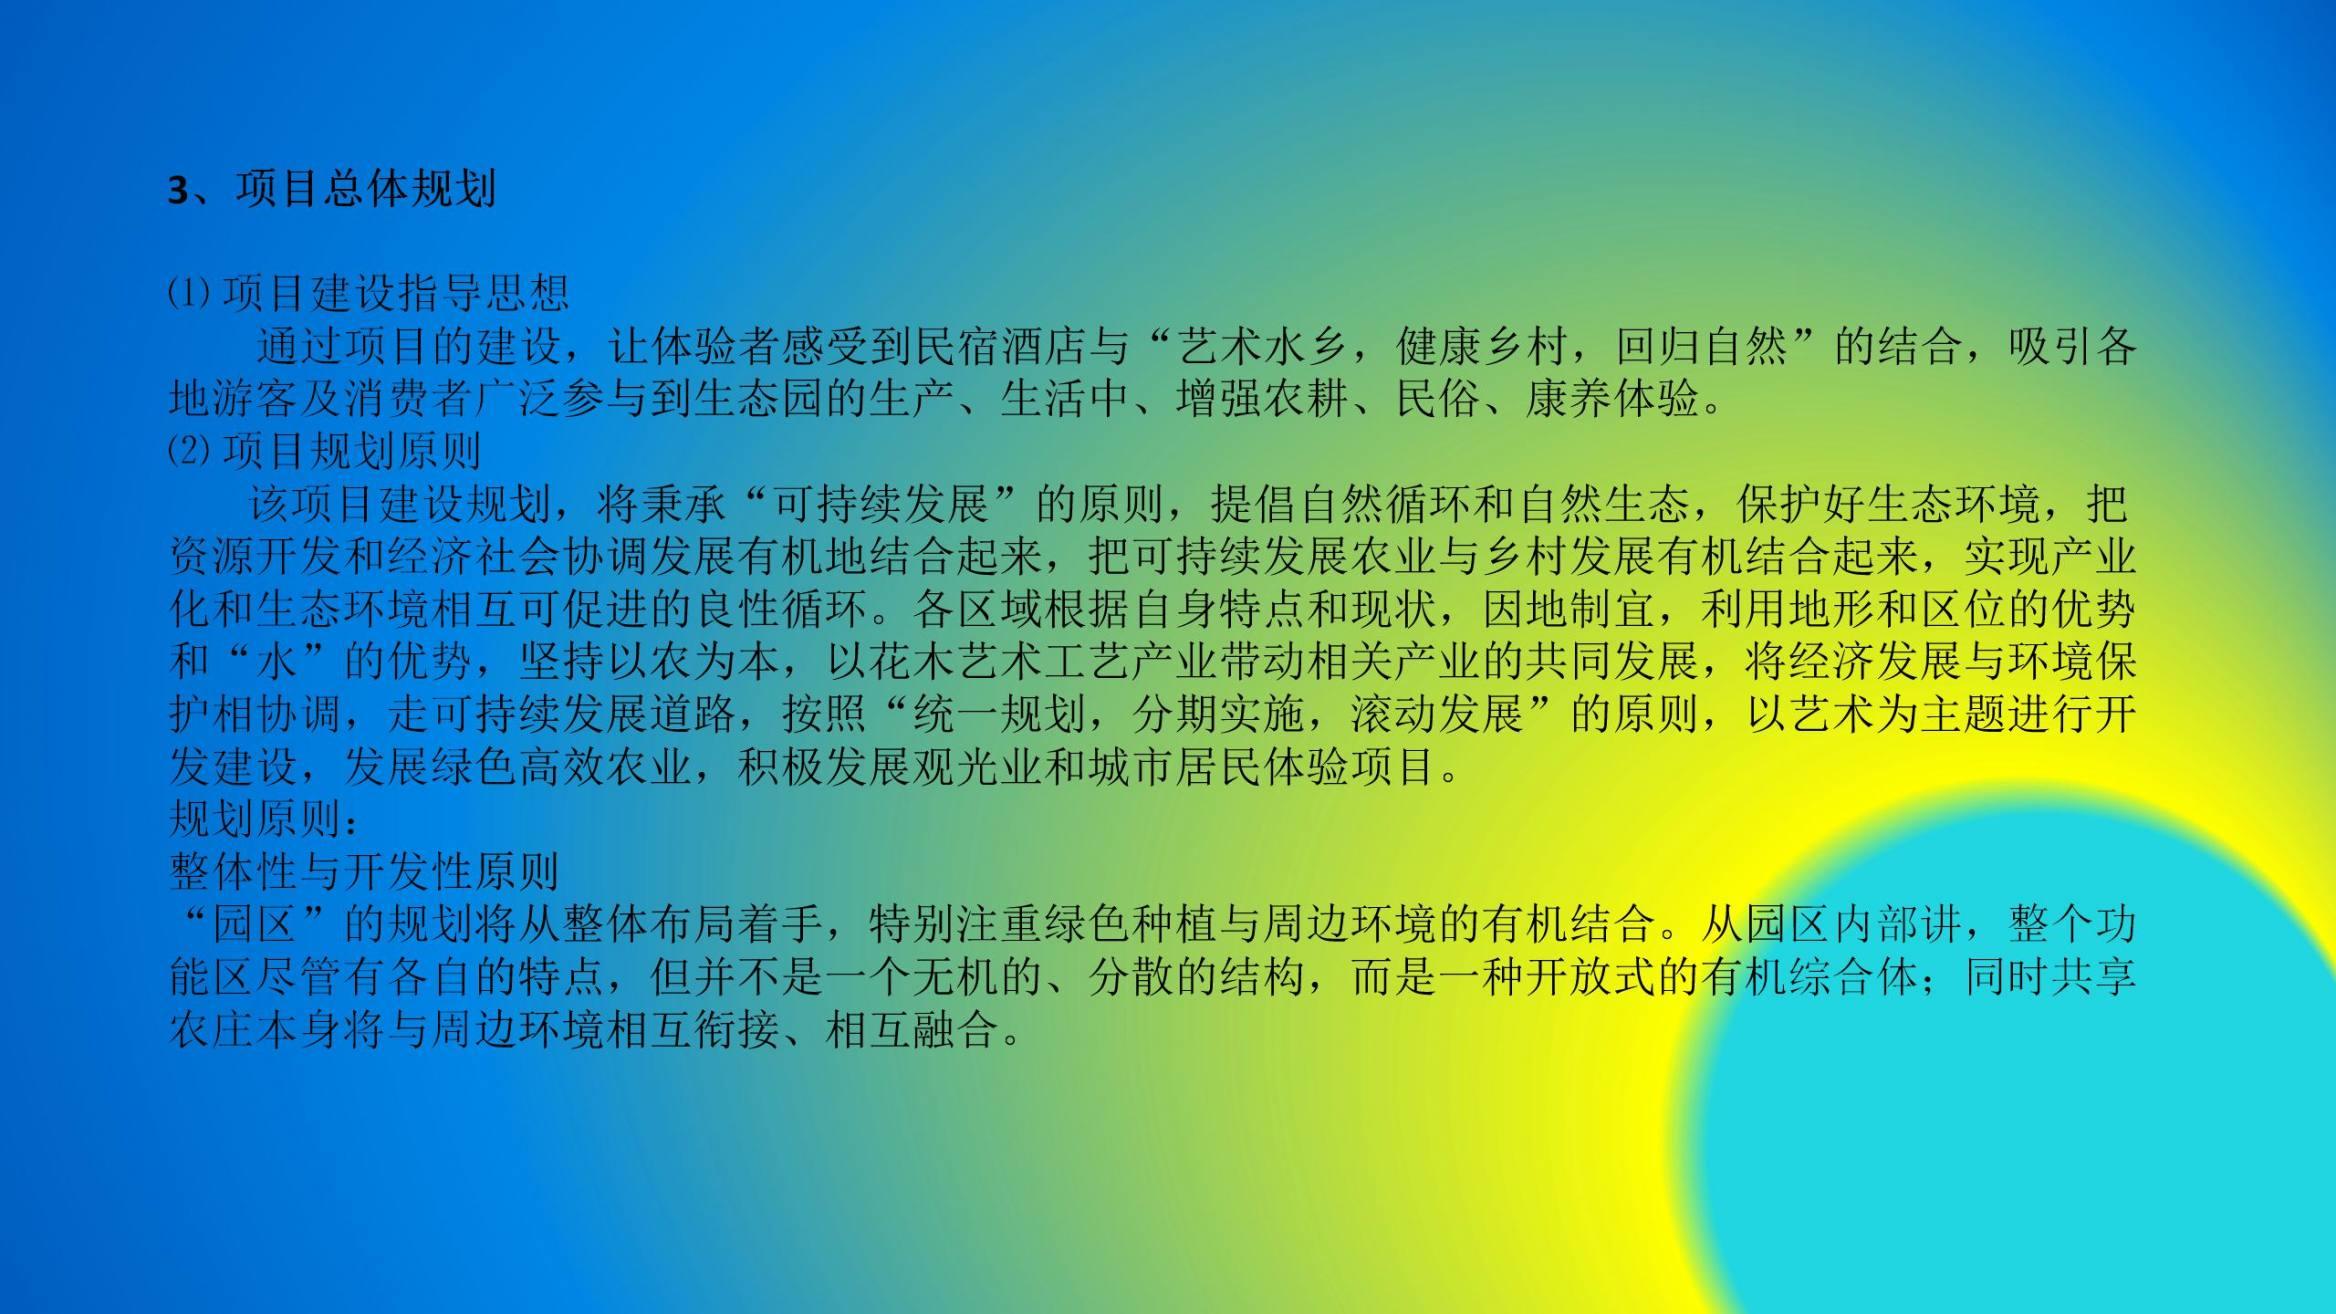 沈家船田园水乡智慧生态园 (10)